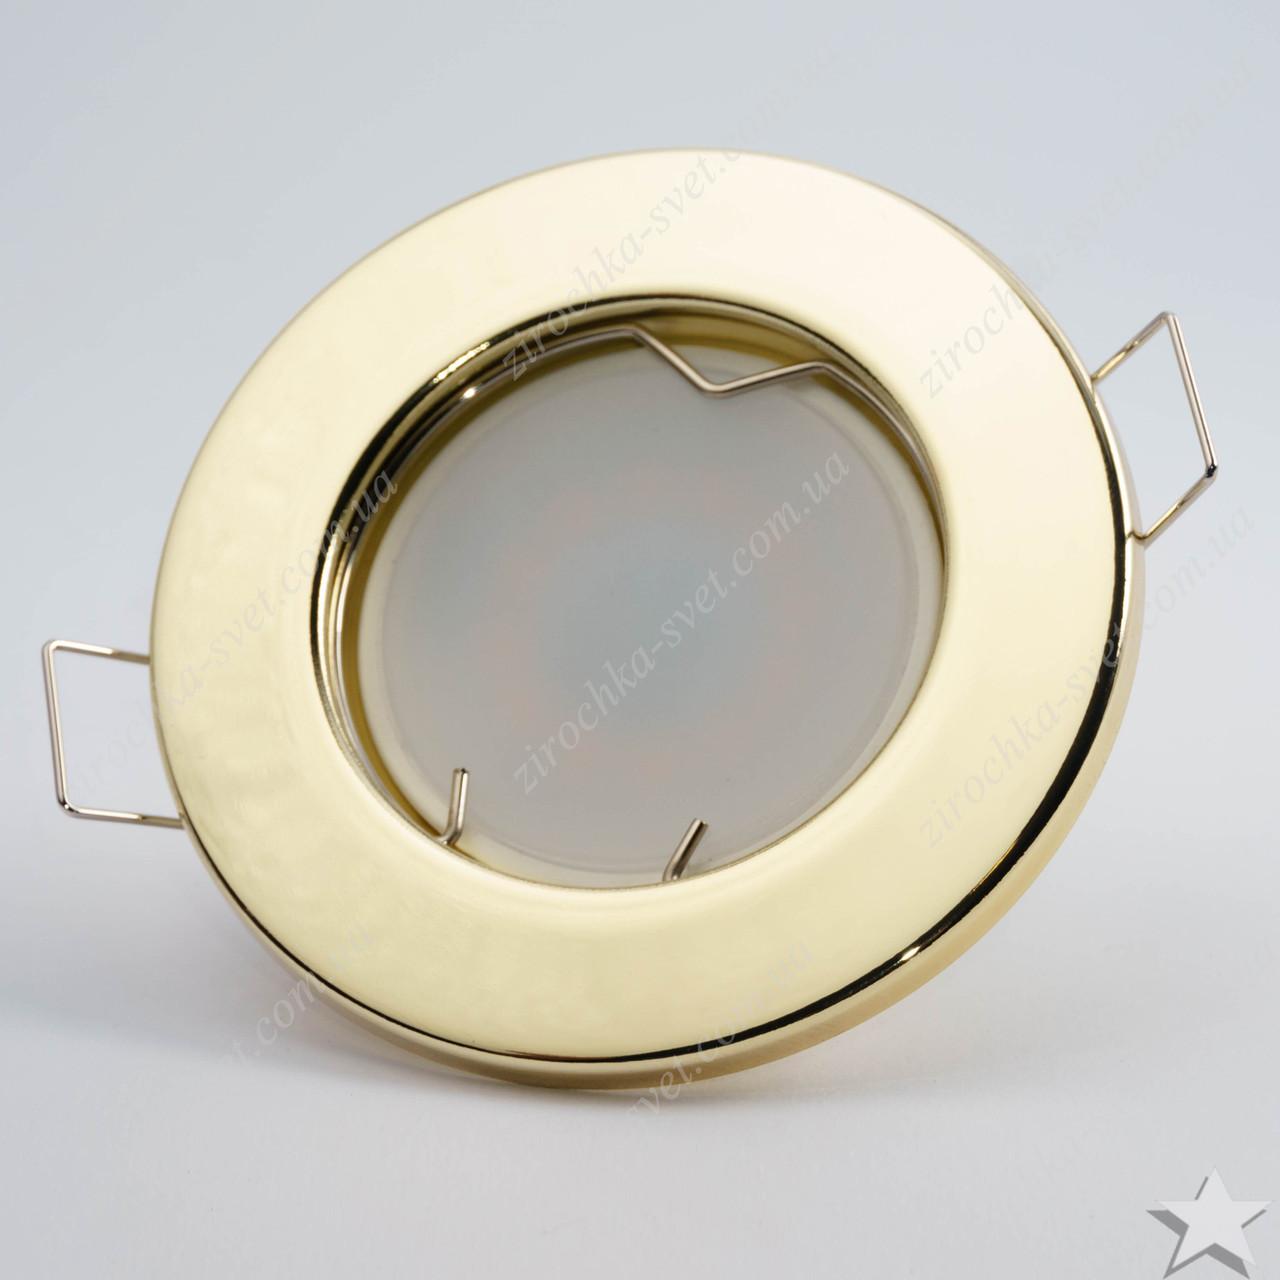 Светильник встраиваемый Feron DL10 золото под лампу MR16